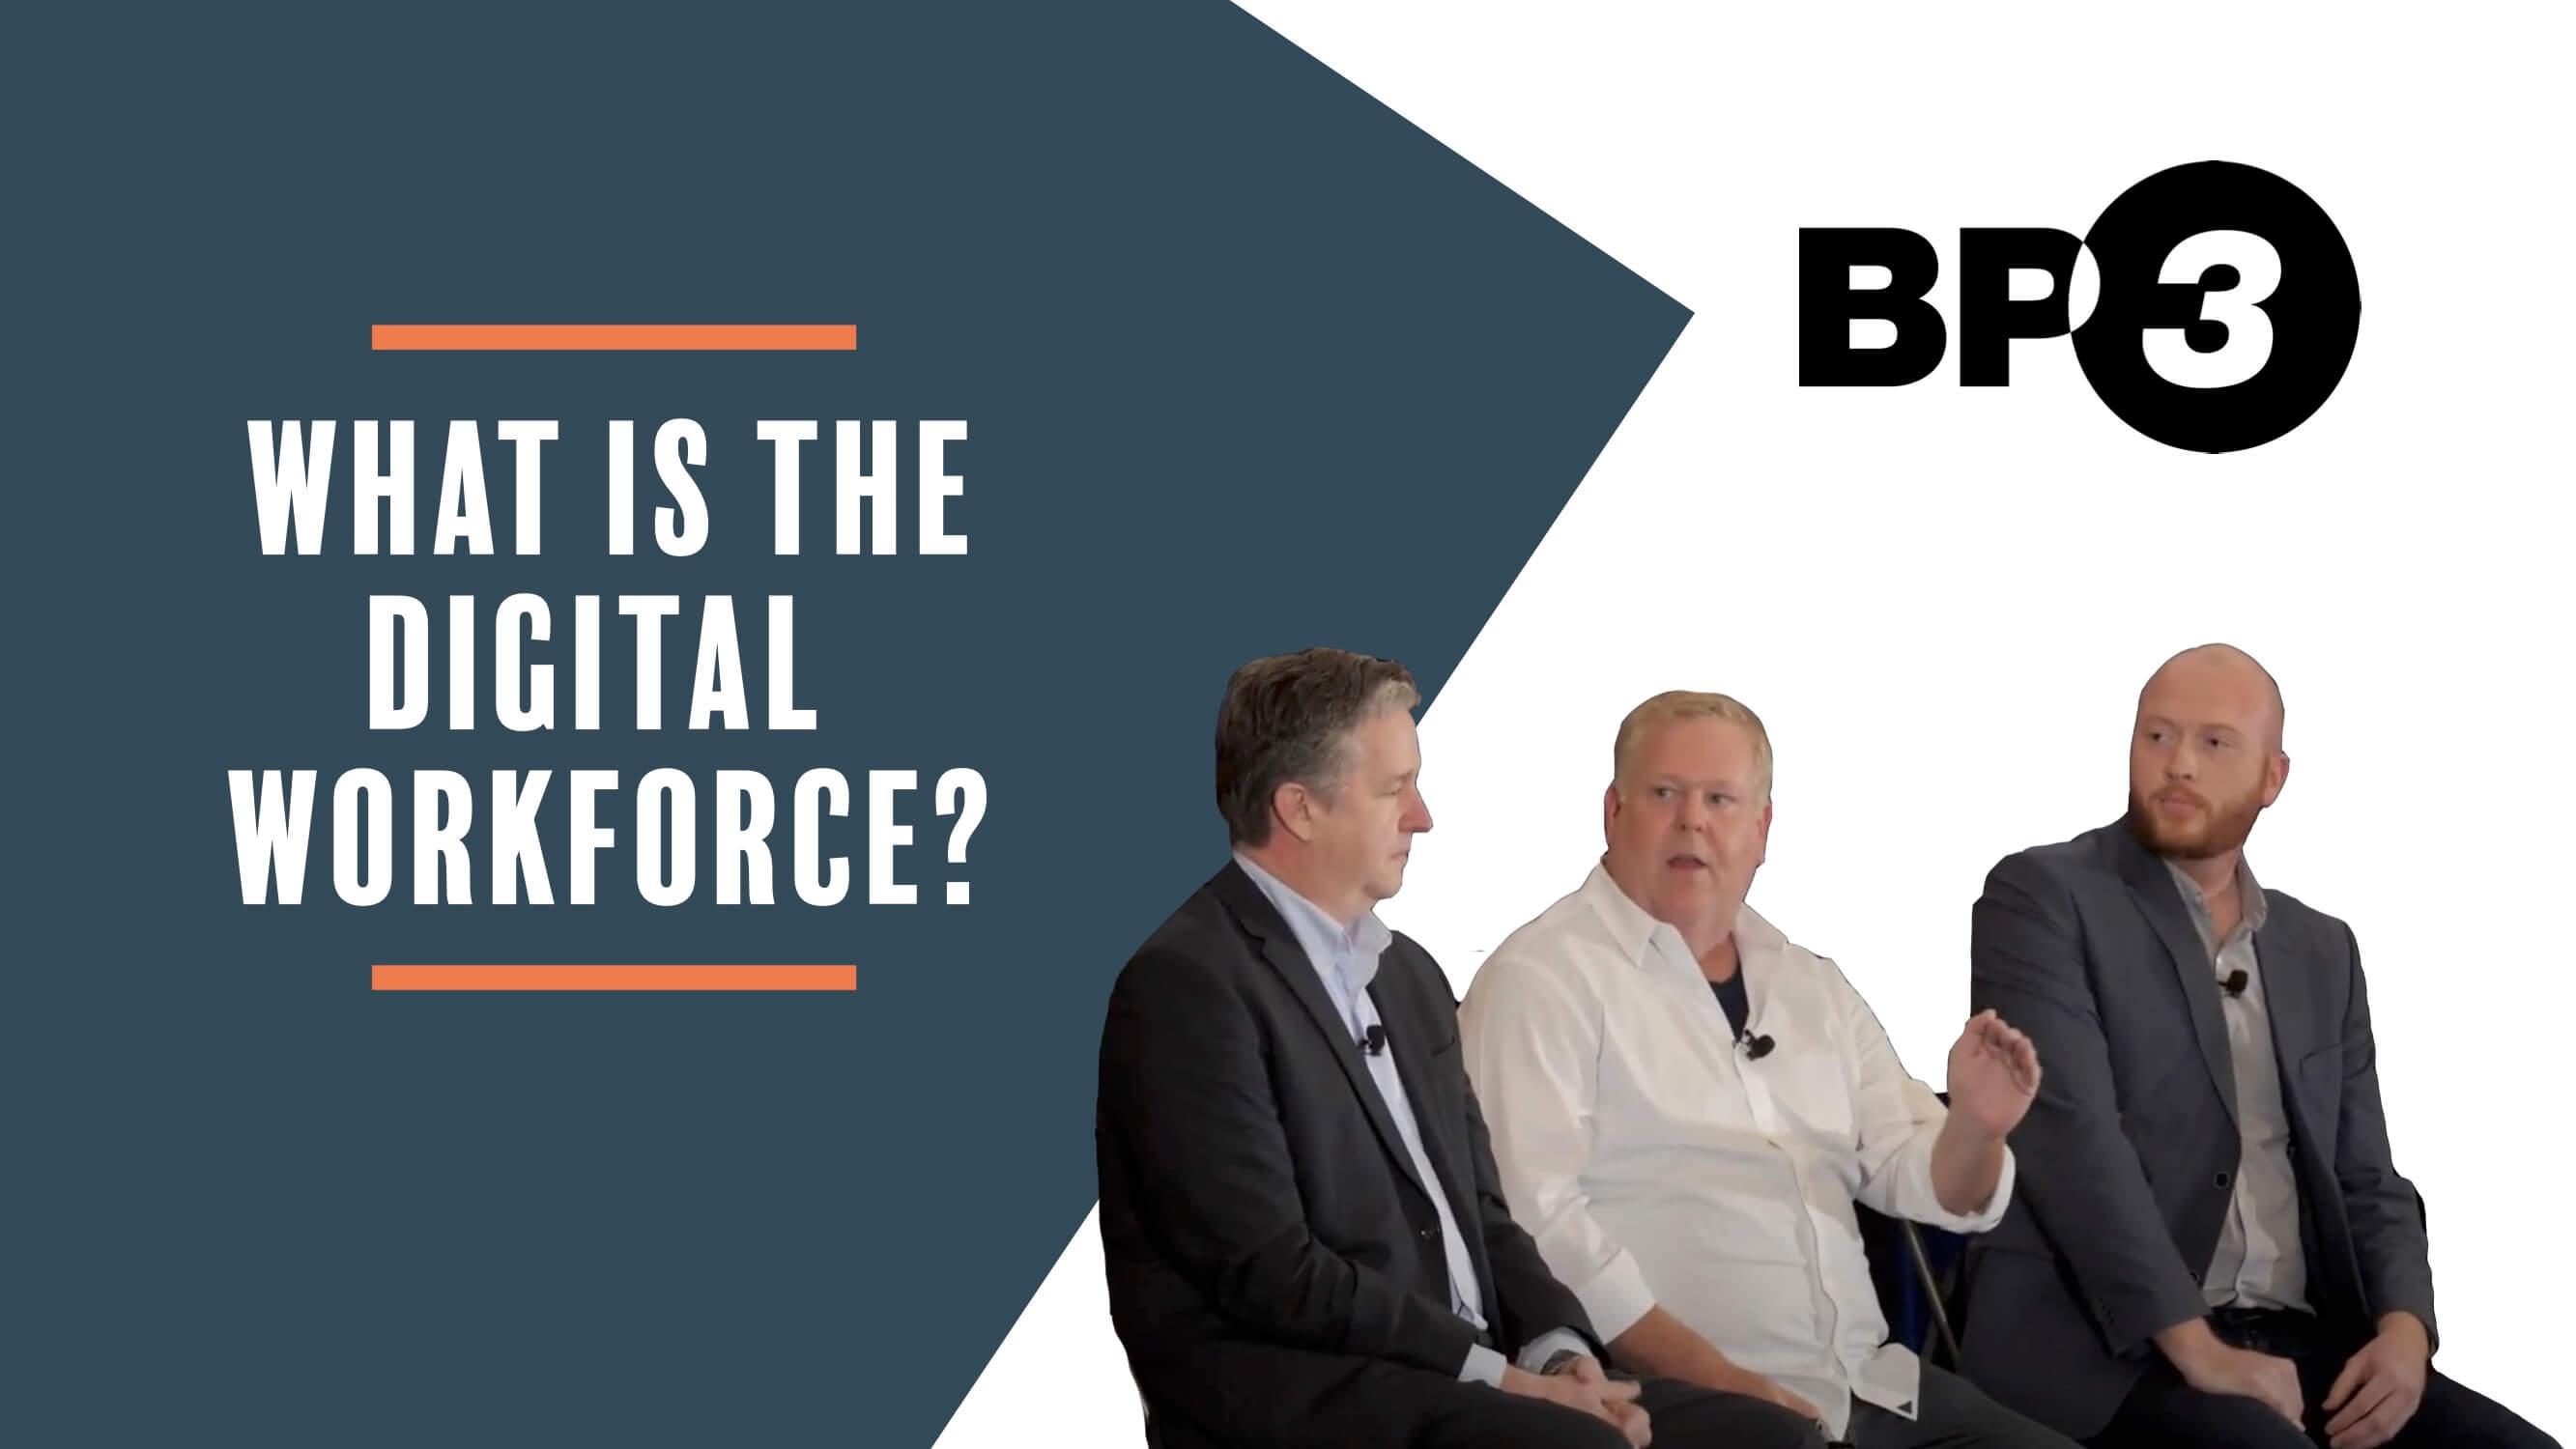 What is the Digital Workforce?